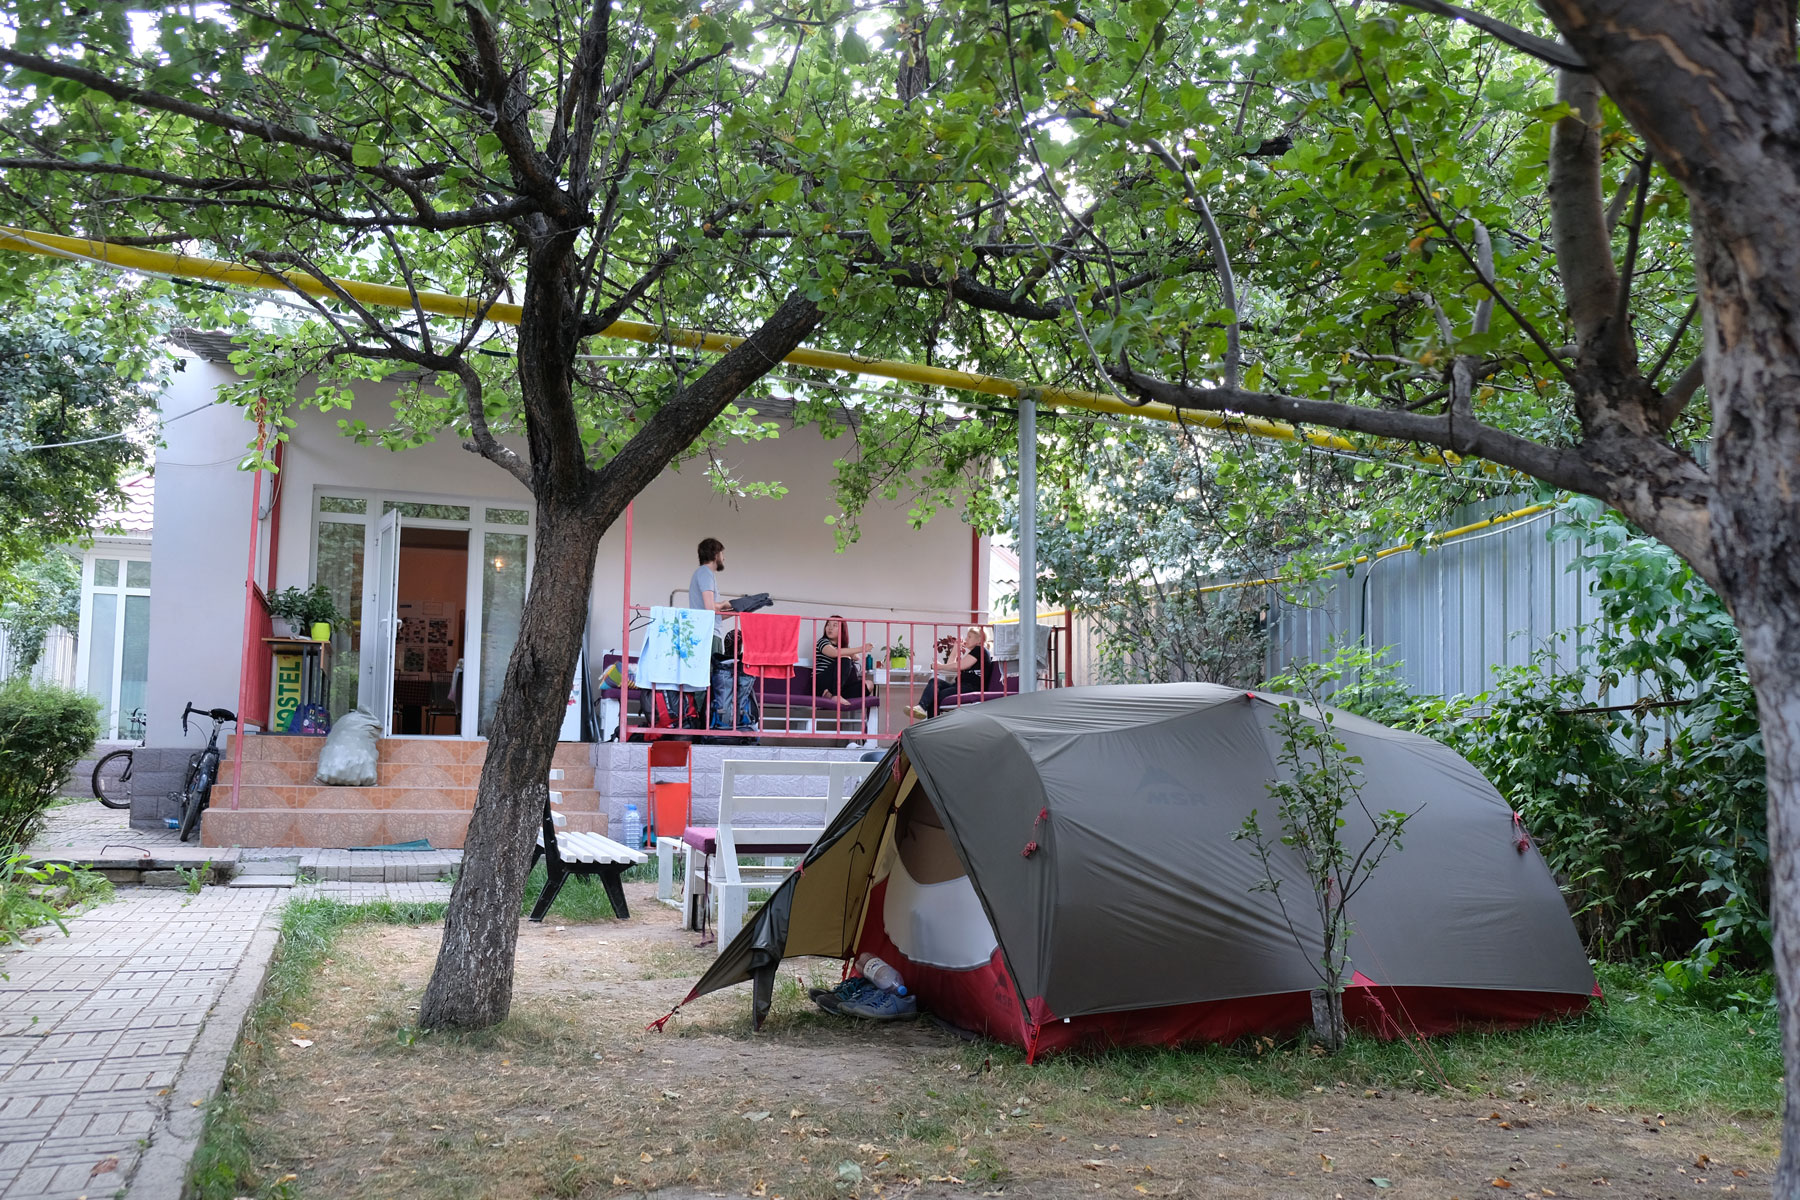 In einem gemütlichen Hostel dürfen wir zwei Wochen lang im Garten zelten